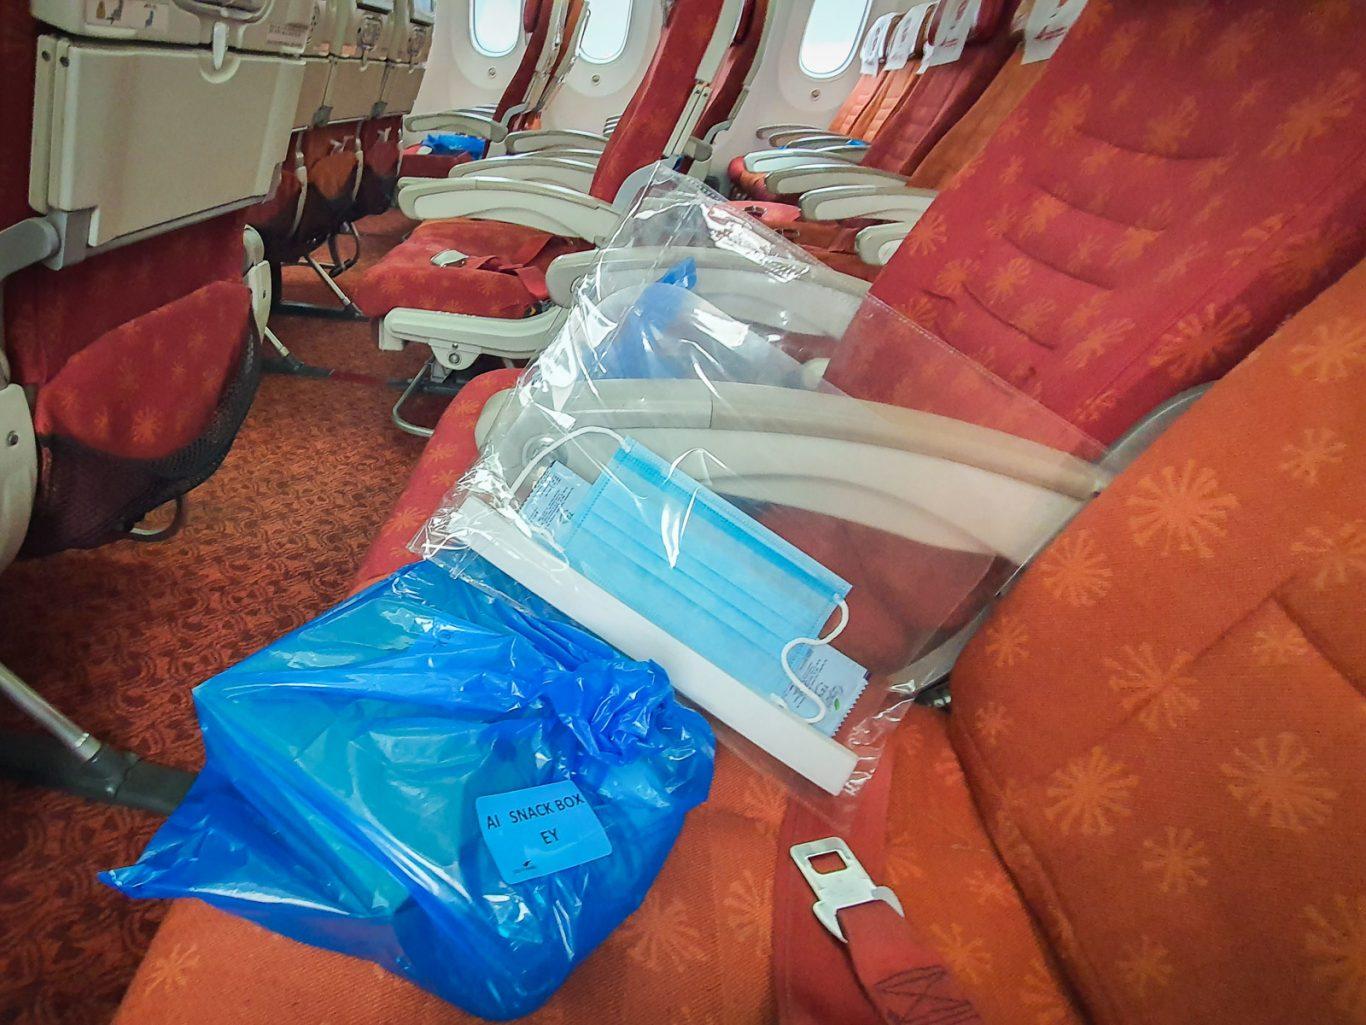 Pre-packed snack boxes, masks, visor, and hand sanitiser on flight